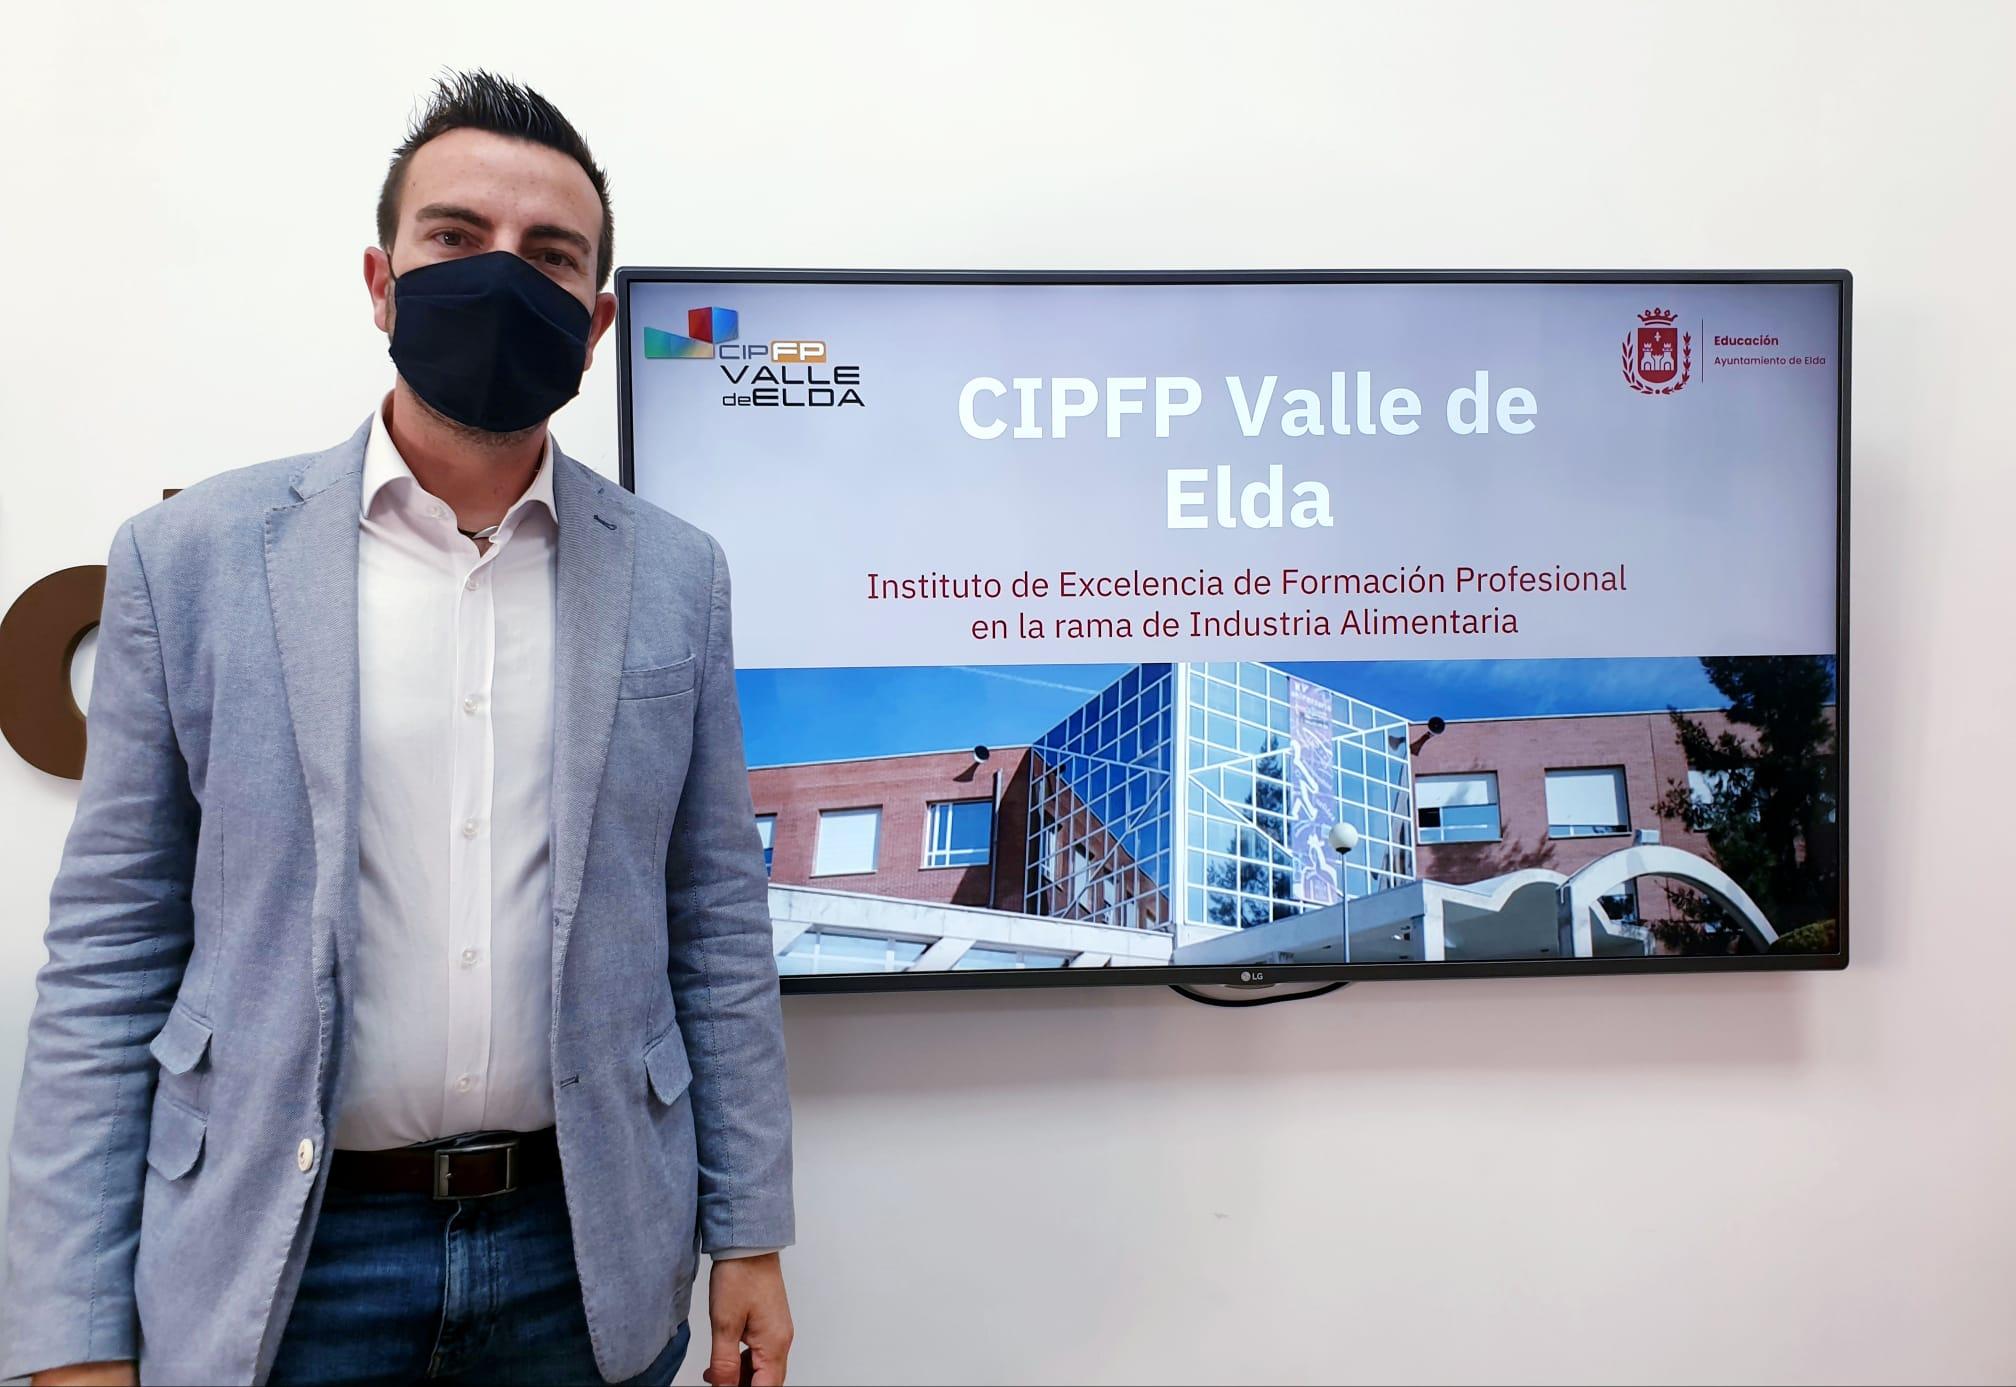 El CIPFP Valle de Elda es elegido Instituto de Excelencia de Formación Profesional en la rama de Industrias Alimentarias